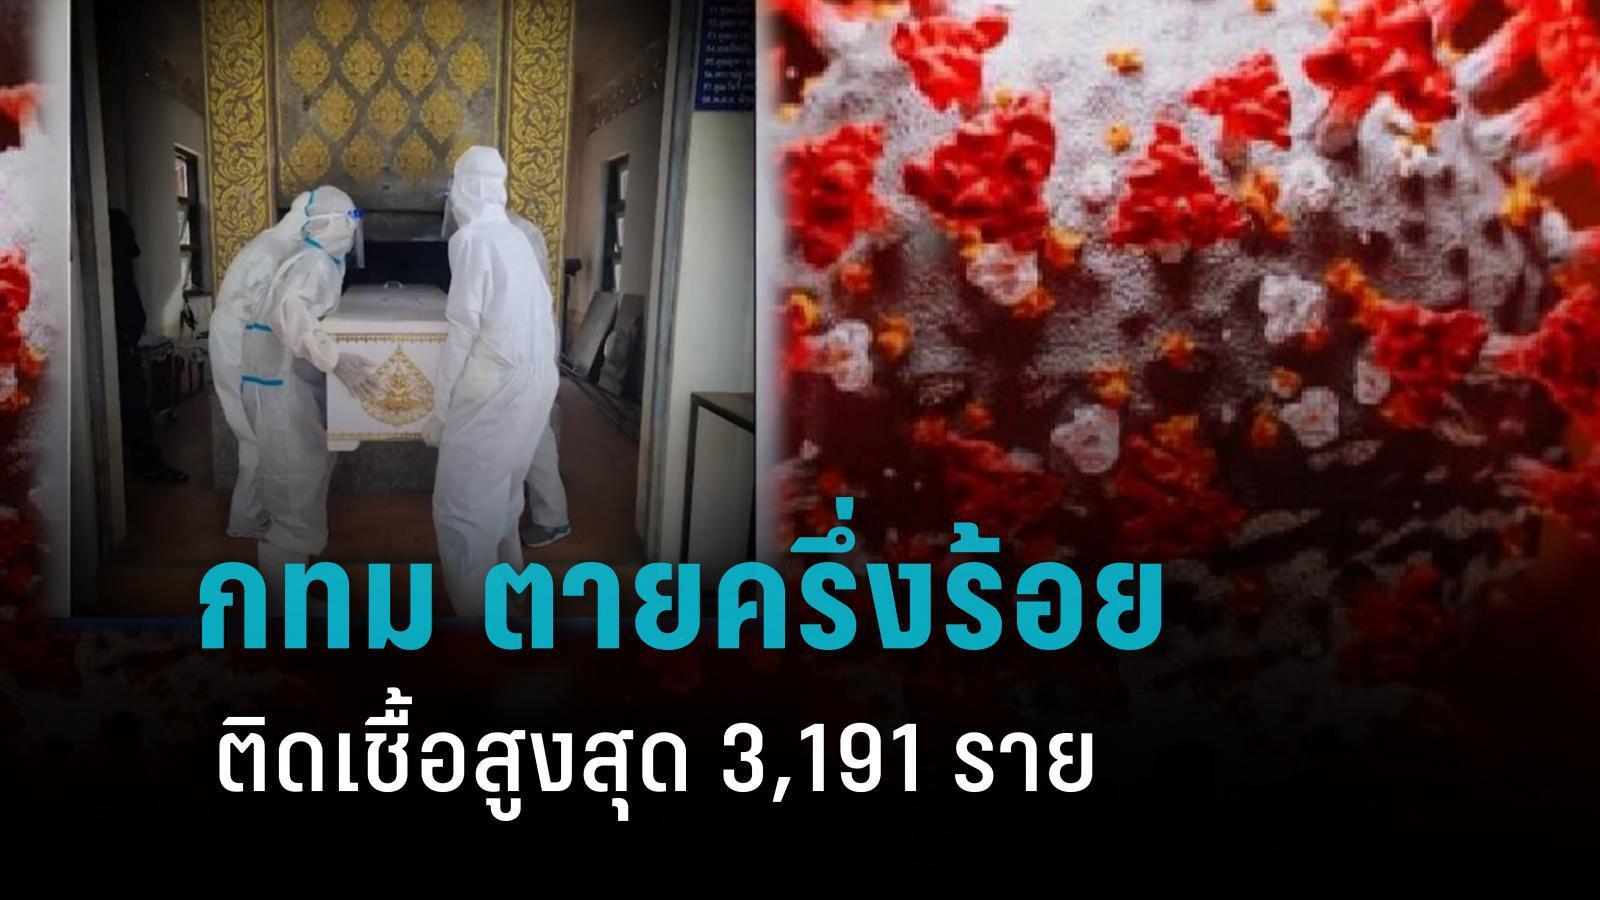 กทม.วิกฤต ตายครึ่งร้อย ติดเชื้อสูงสุด 3,191 ราย พบคลัสเตอร์ใหม่อีกหลายจังหวัด